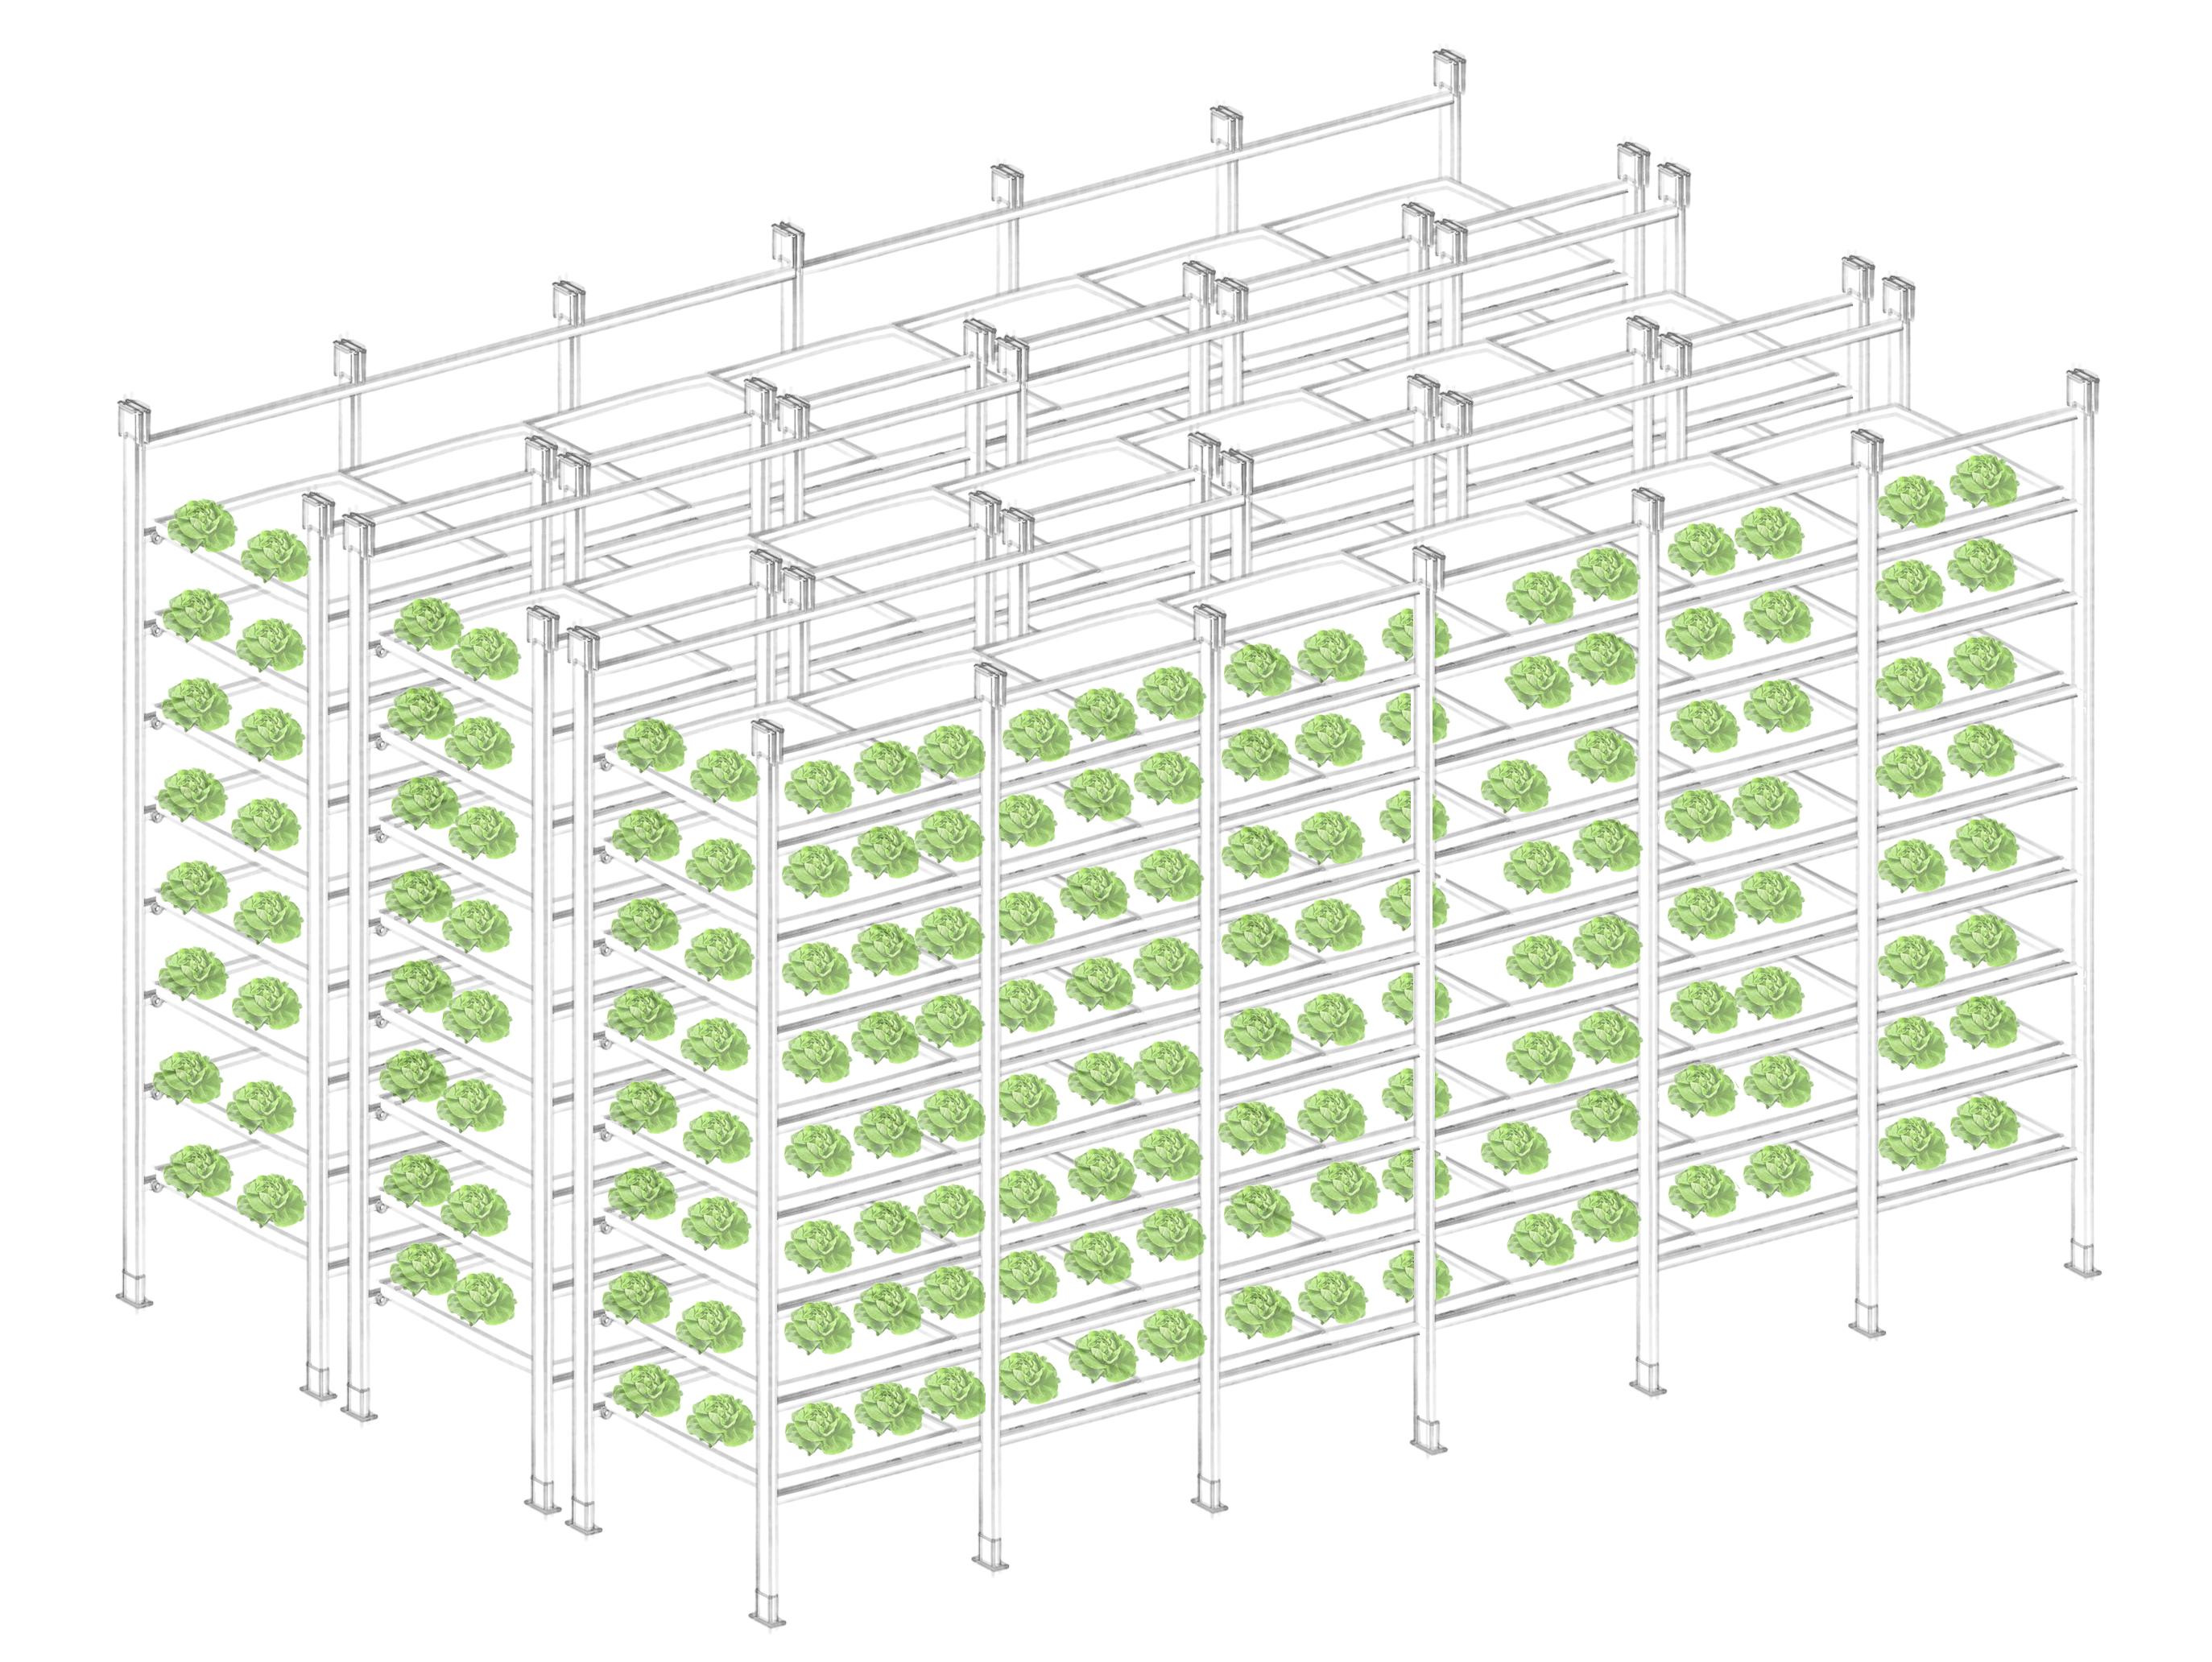 VERTICAL FARM 3D